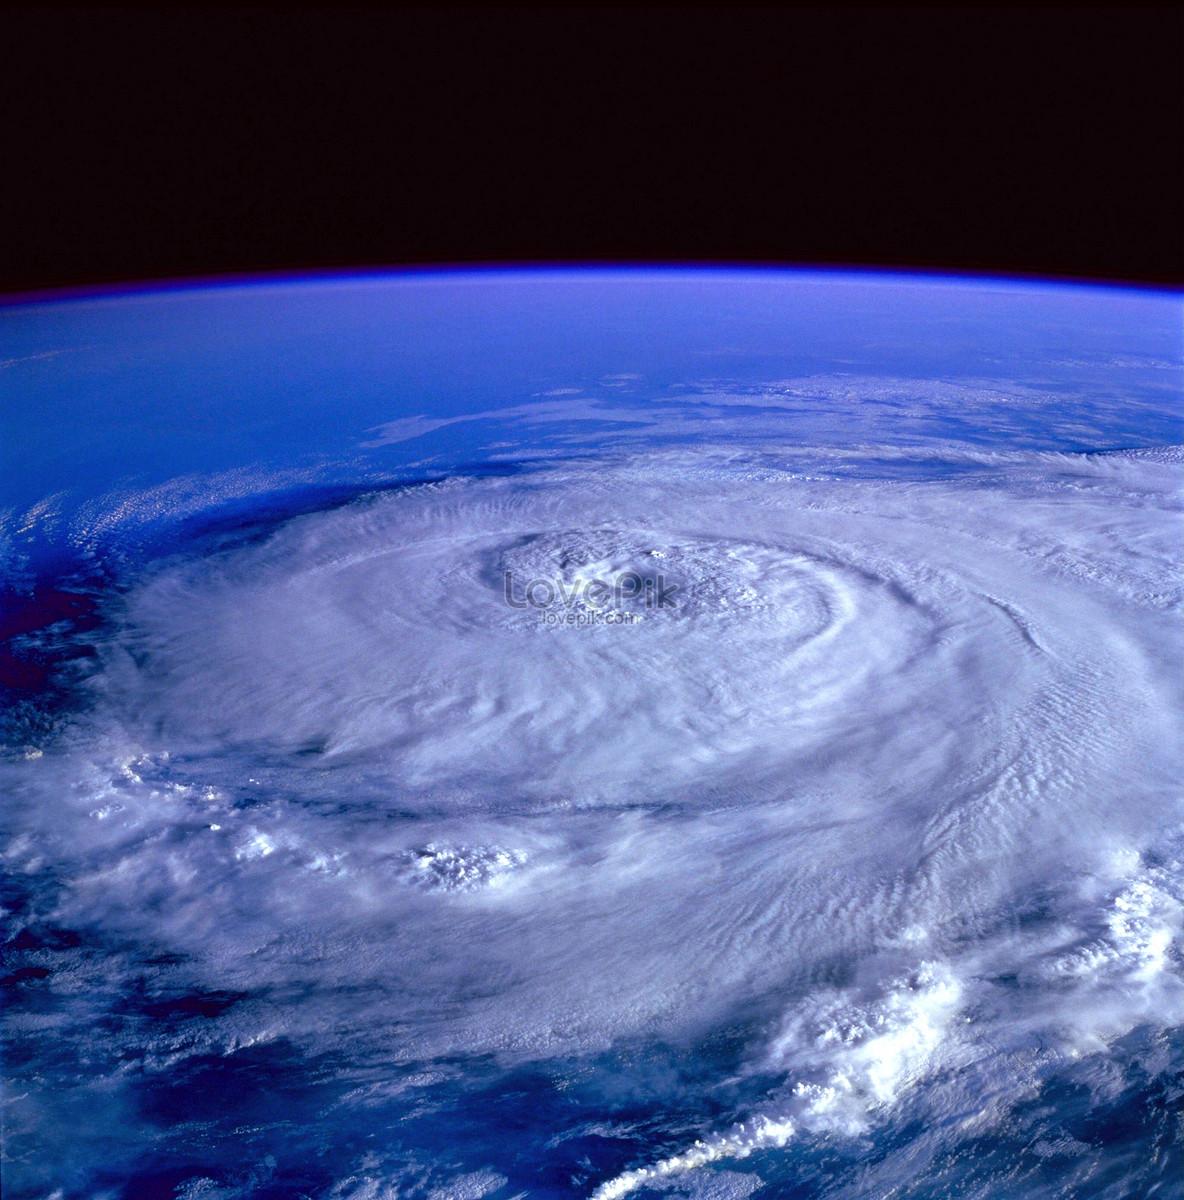 Imagen Satelital Que Muestra El Huracán De La Tierra Imagen